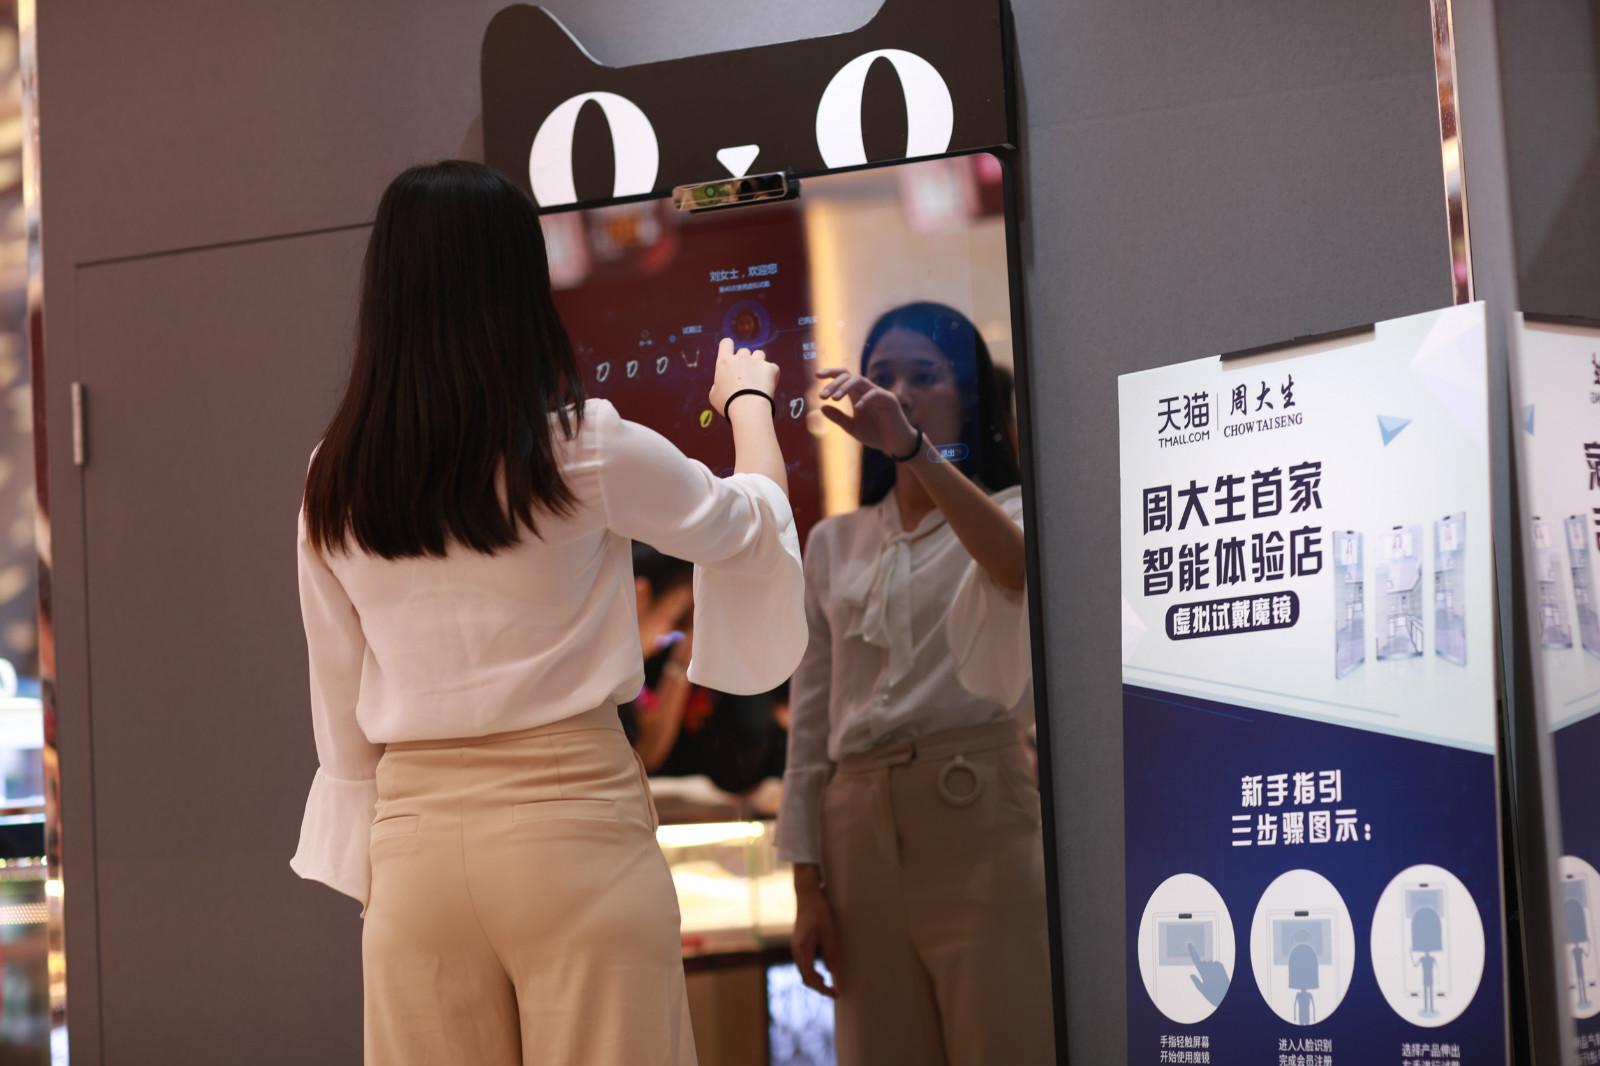 """在深圳周大生智能体验店内,一位导购员正在""""智能魔镜""""前操作如何进行饰品的""""虚拟试戴""""体验。_meitu_2"""